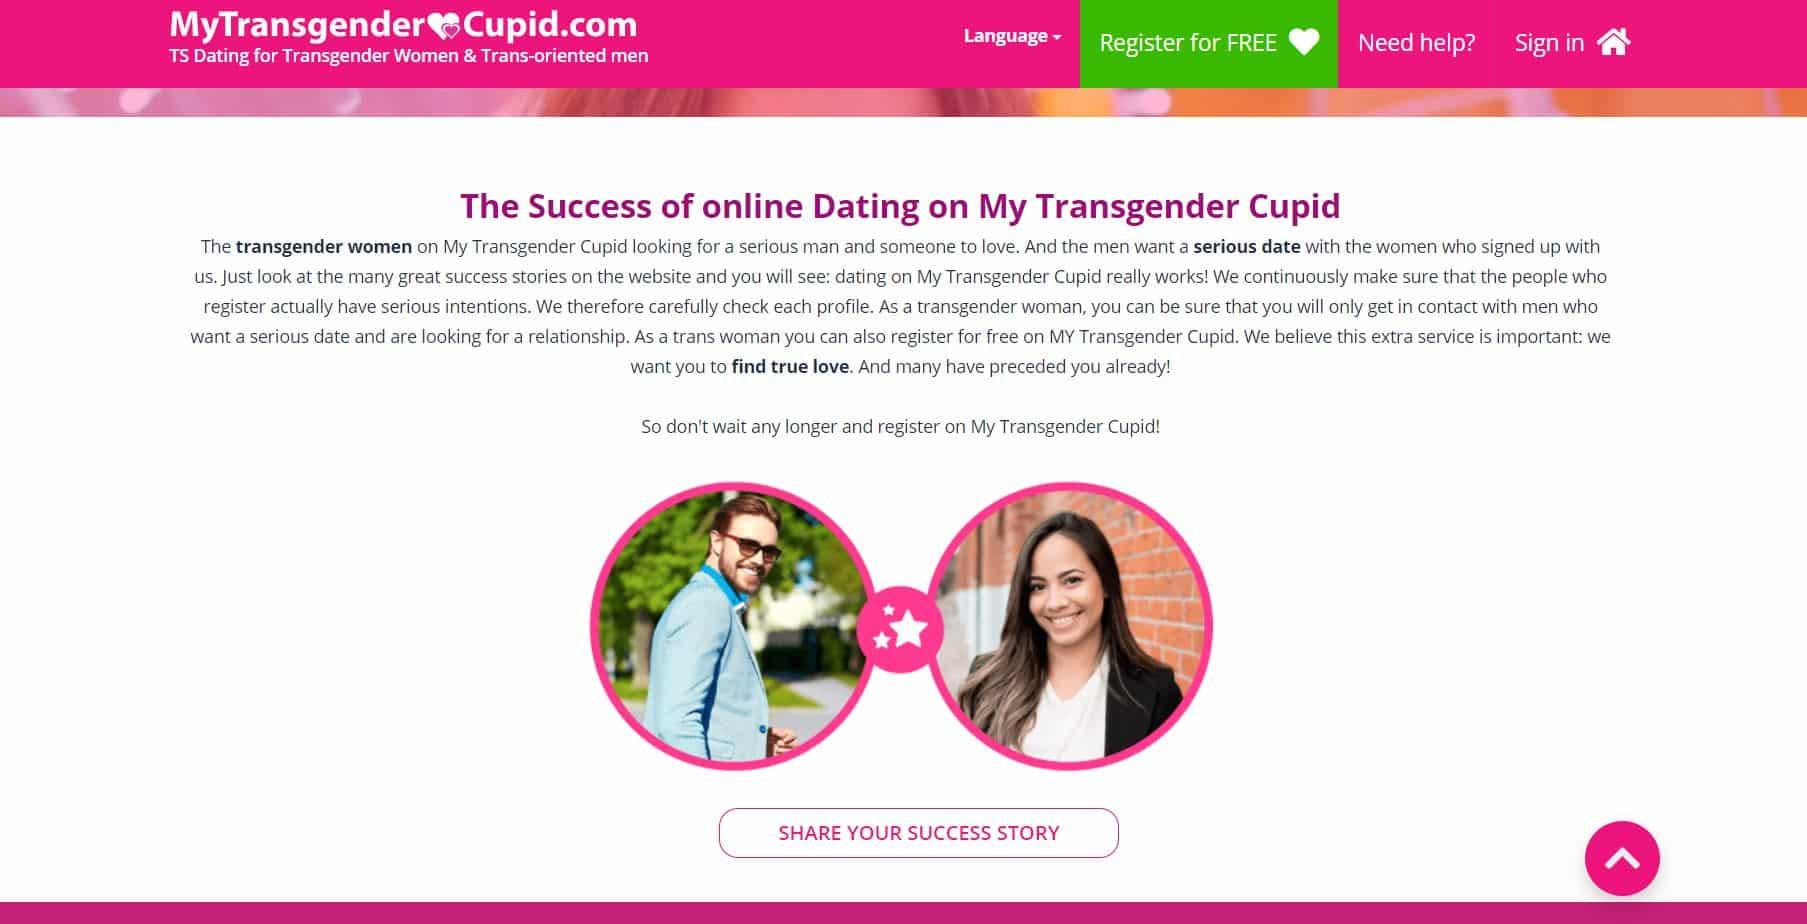 My Transgender Cupid Storia